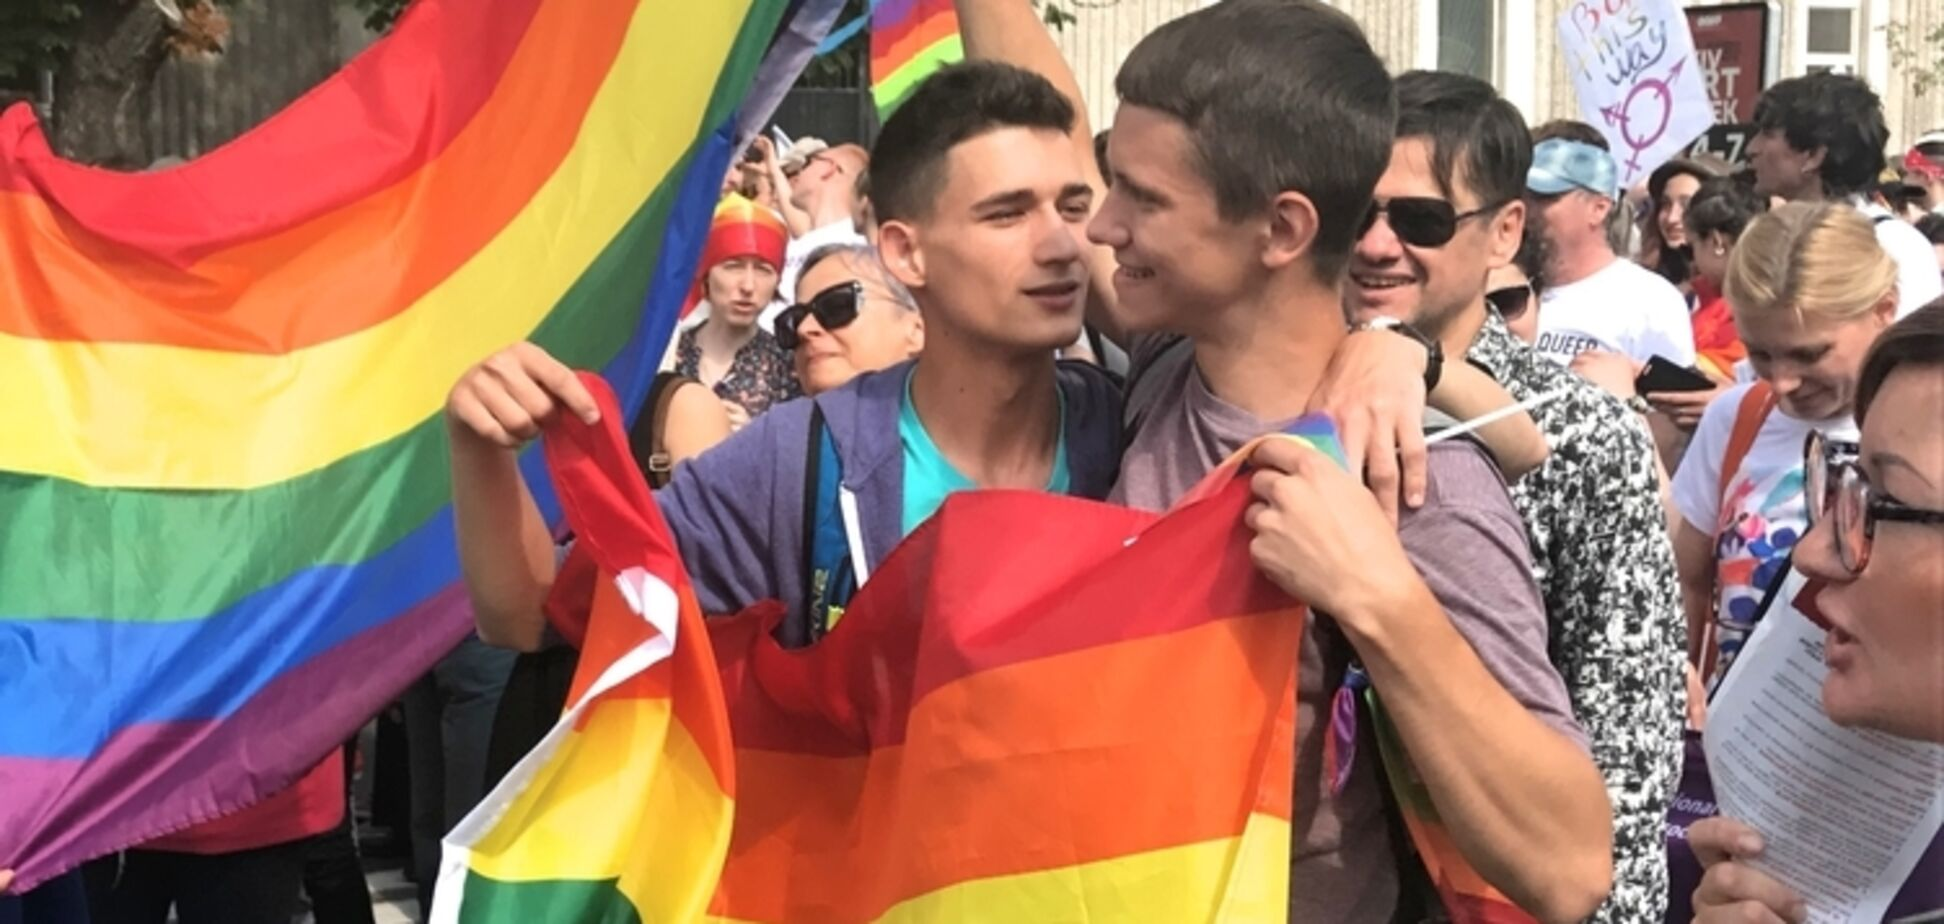 Штрафы за секс-ориентацию в Украине: скандальный законопроект получит новый шанс